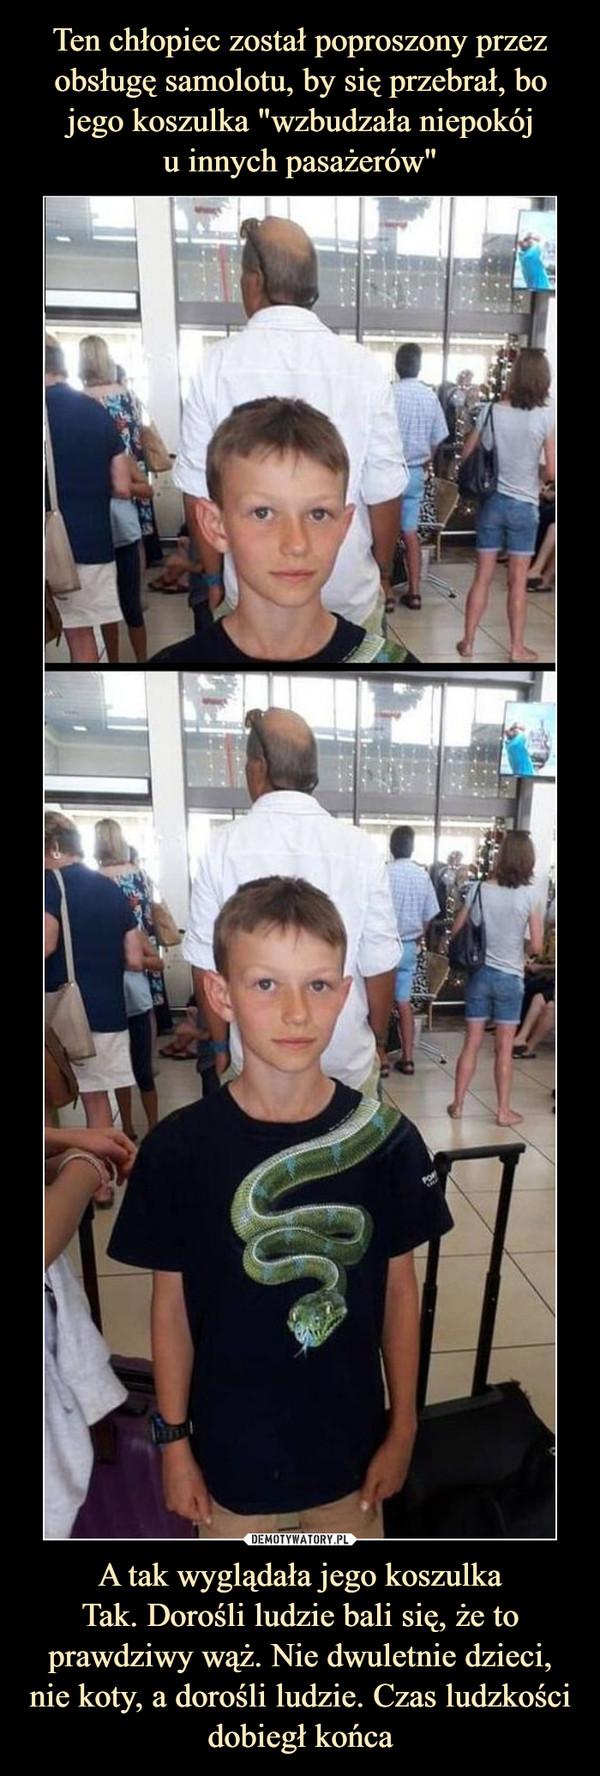 A tak wyglądała jego koszulkaTak. Dorośli ludzie bali się, że to prawdziwy wąż. Nie dwuletnie dzieci, nie koty, a dorośli ludzie. Czas ludzkości dobiegł końca –